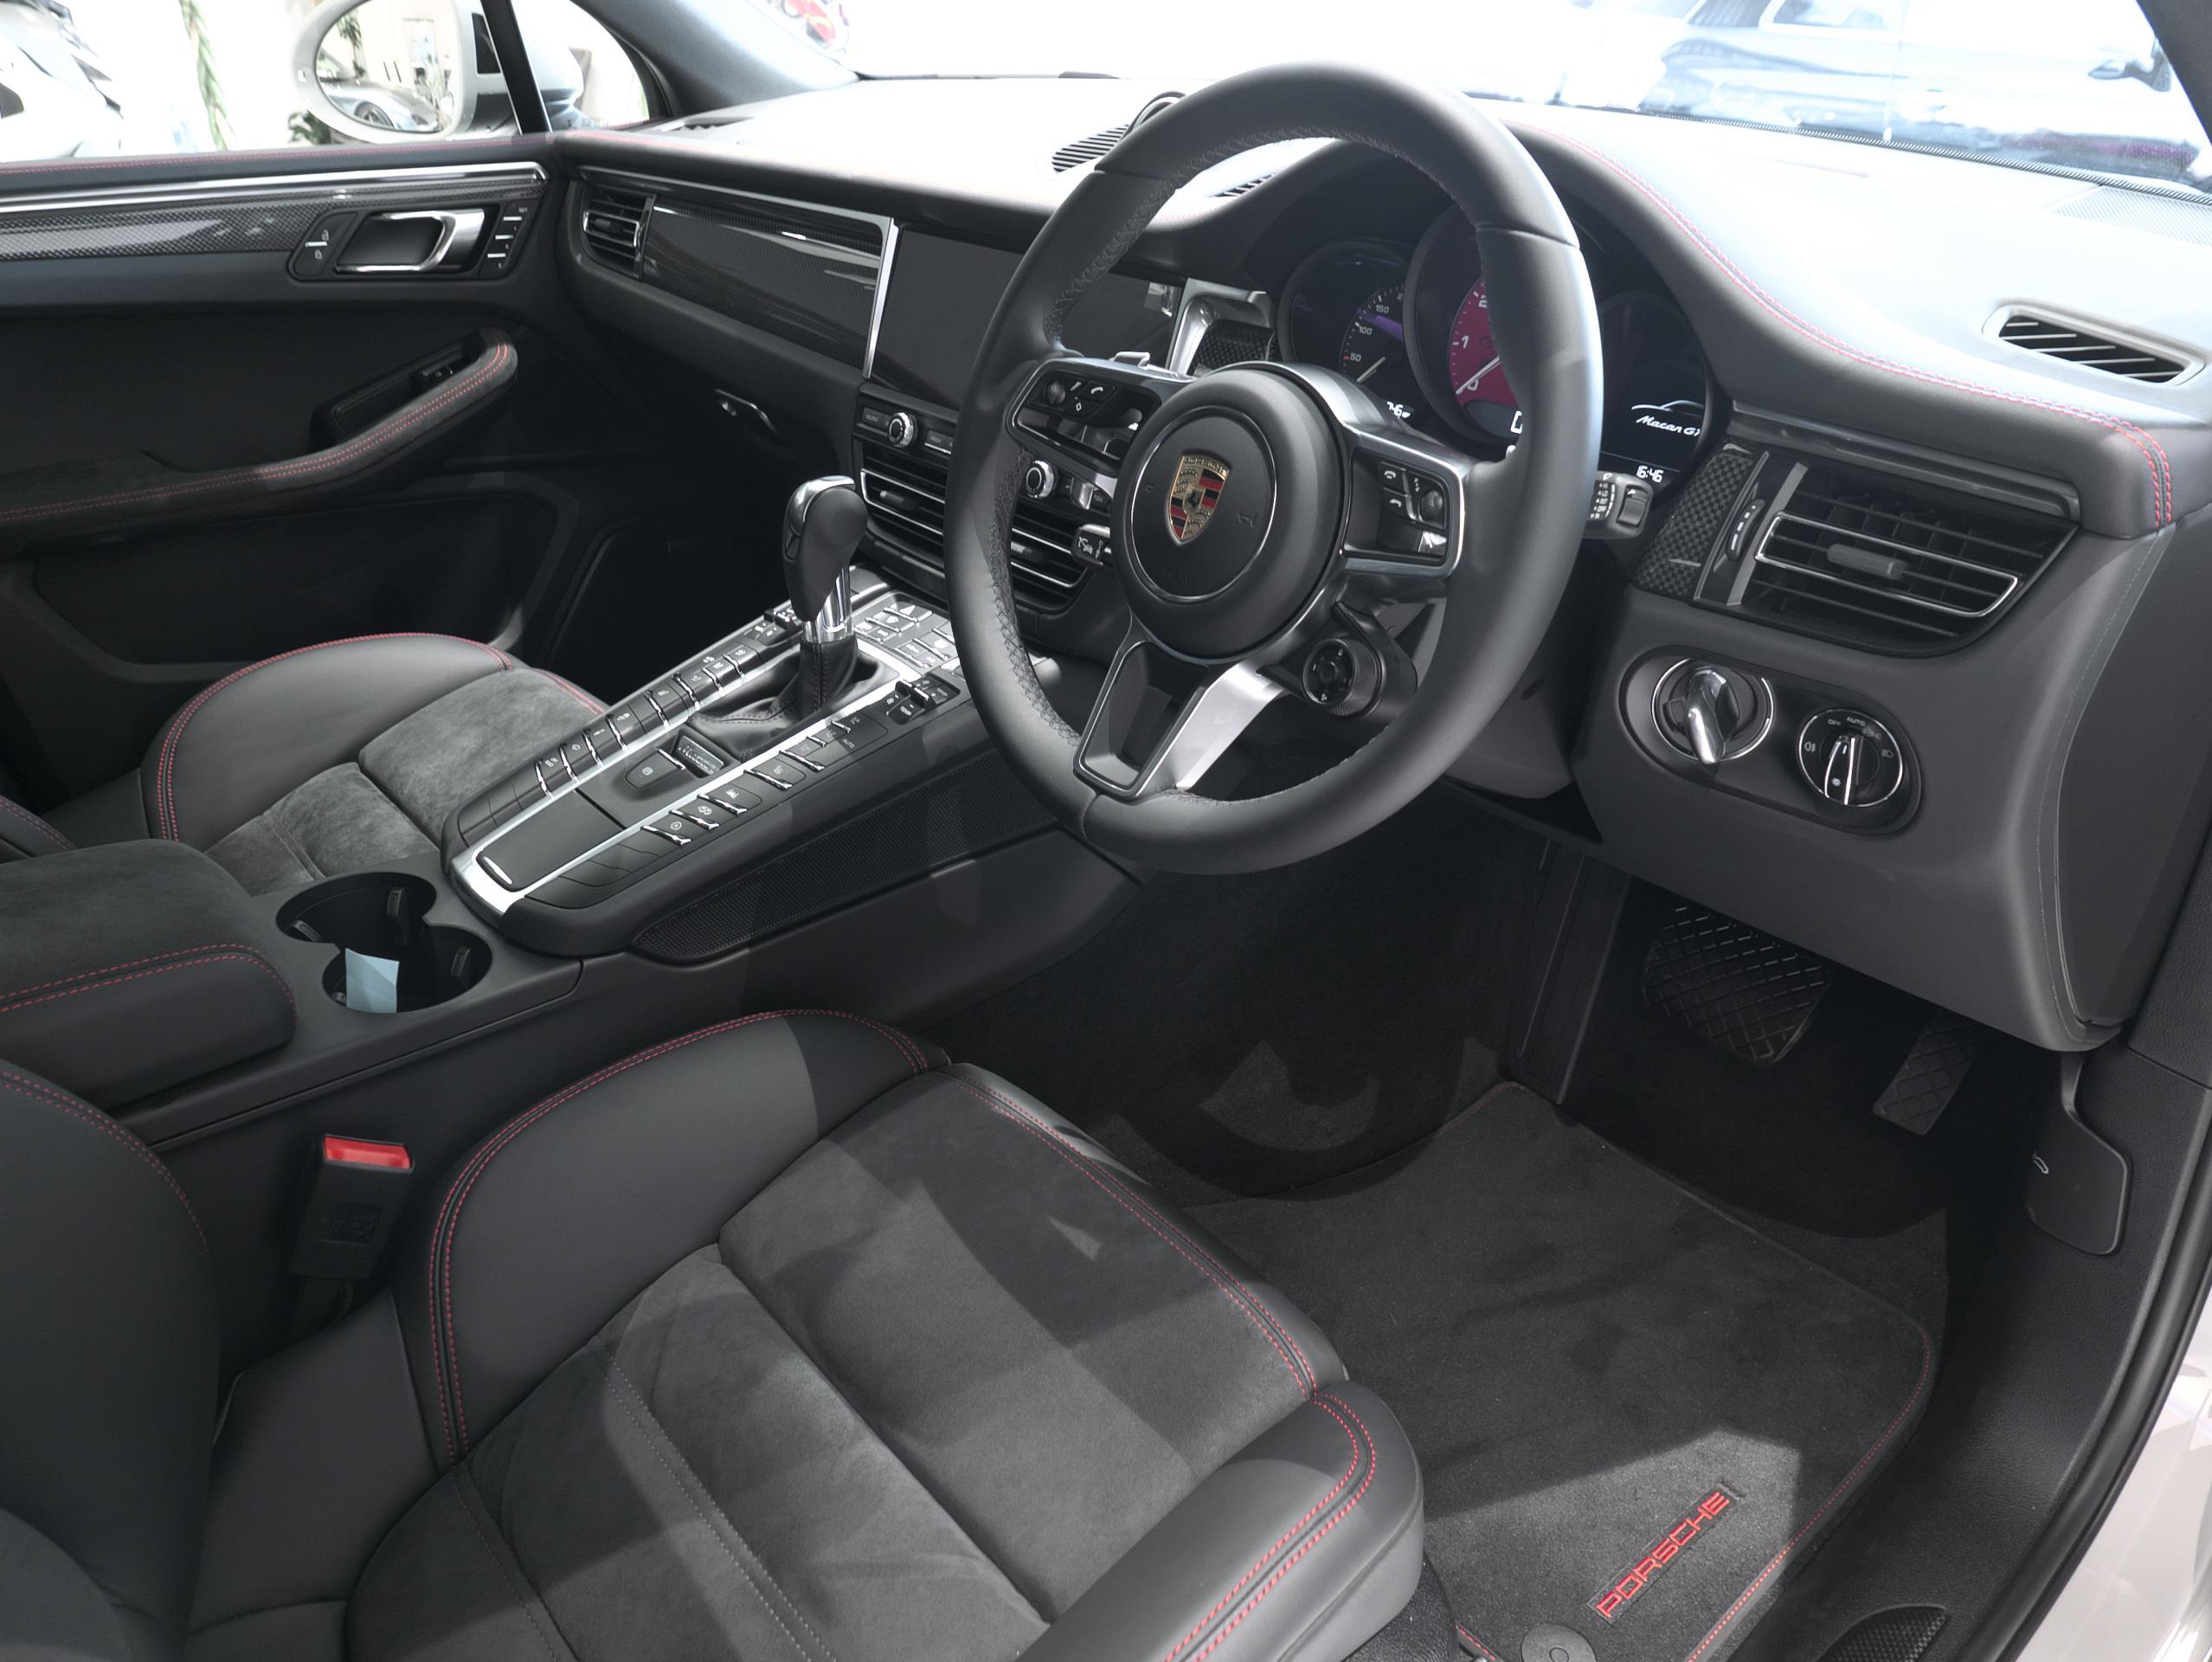 ポルシェ マカン GTS スポーツクロノ 運転席シート